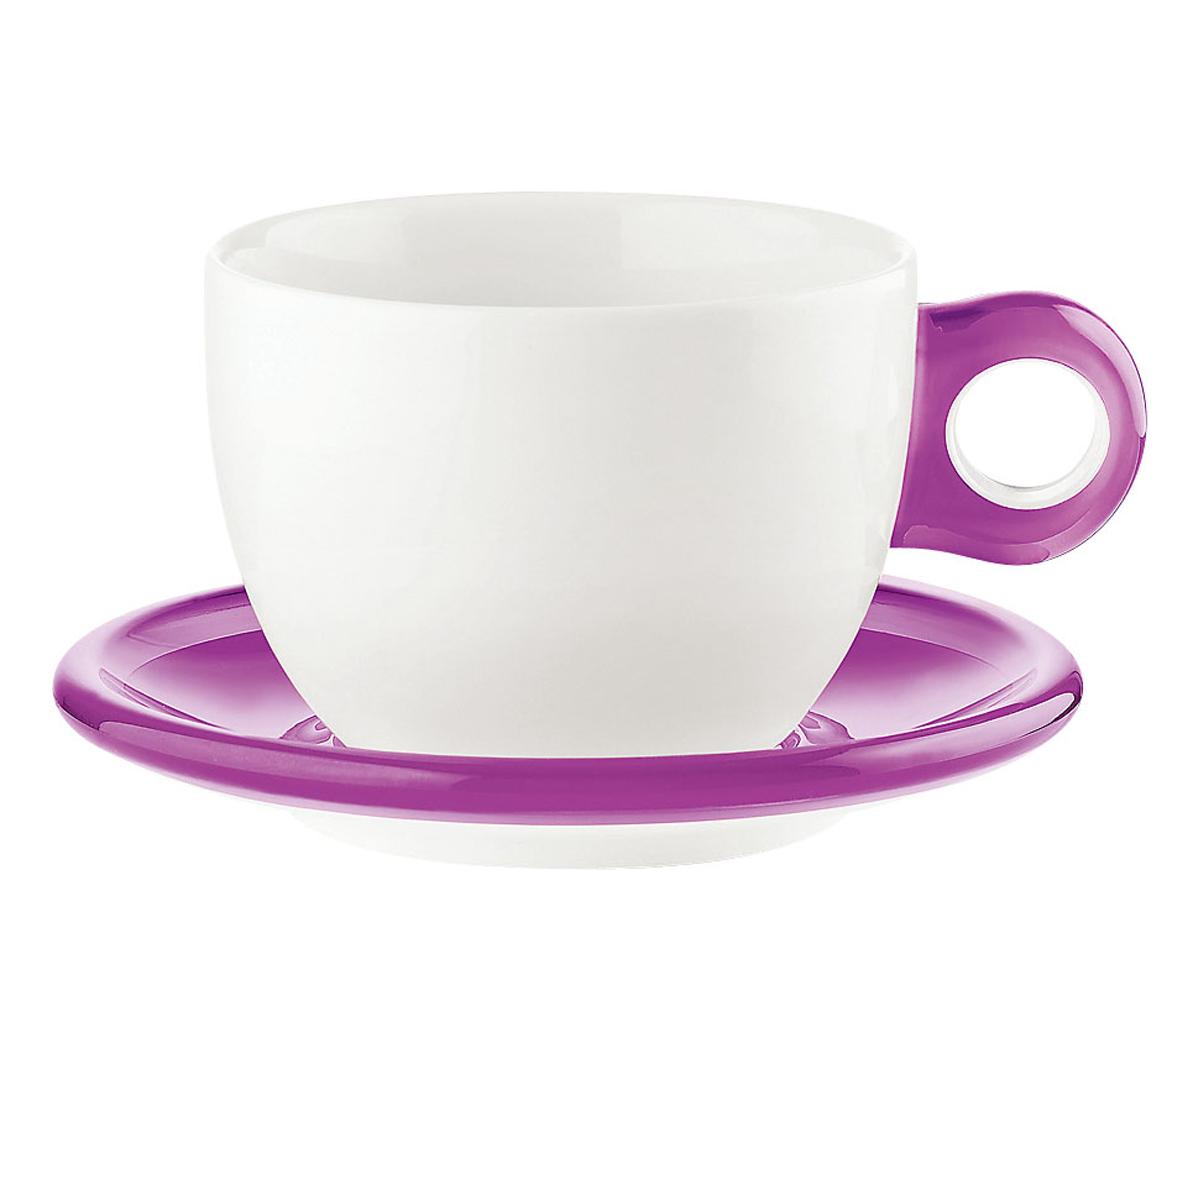 ラージコーヒーカップ 2客セット 2775.0001バイオレット 6-2148-0201【卓上用品 グラス 食器 洋食器 コーヒー ティーカップ 業務用 販売 通販】[10P03Dec16]